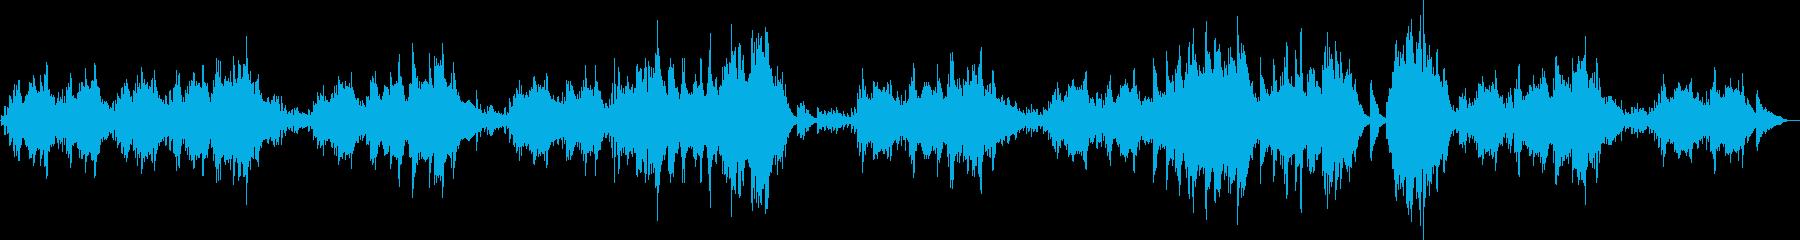 エリーゼの為にの再生済みの波形